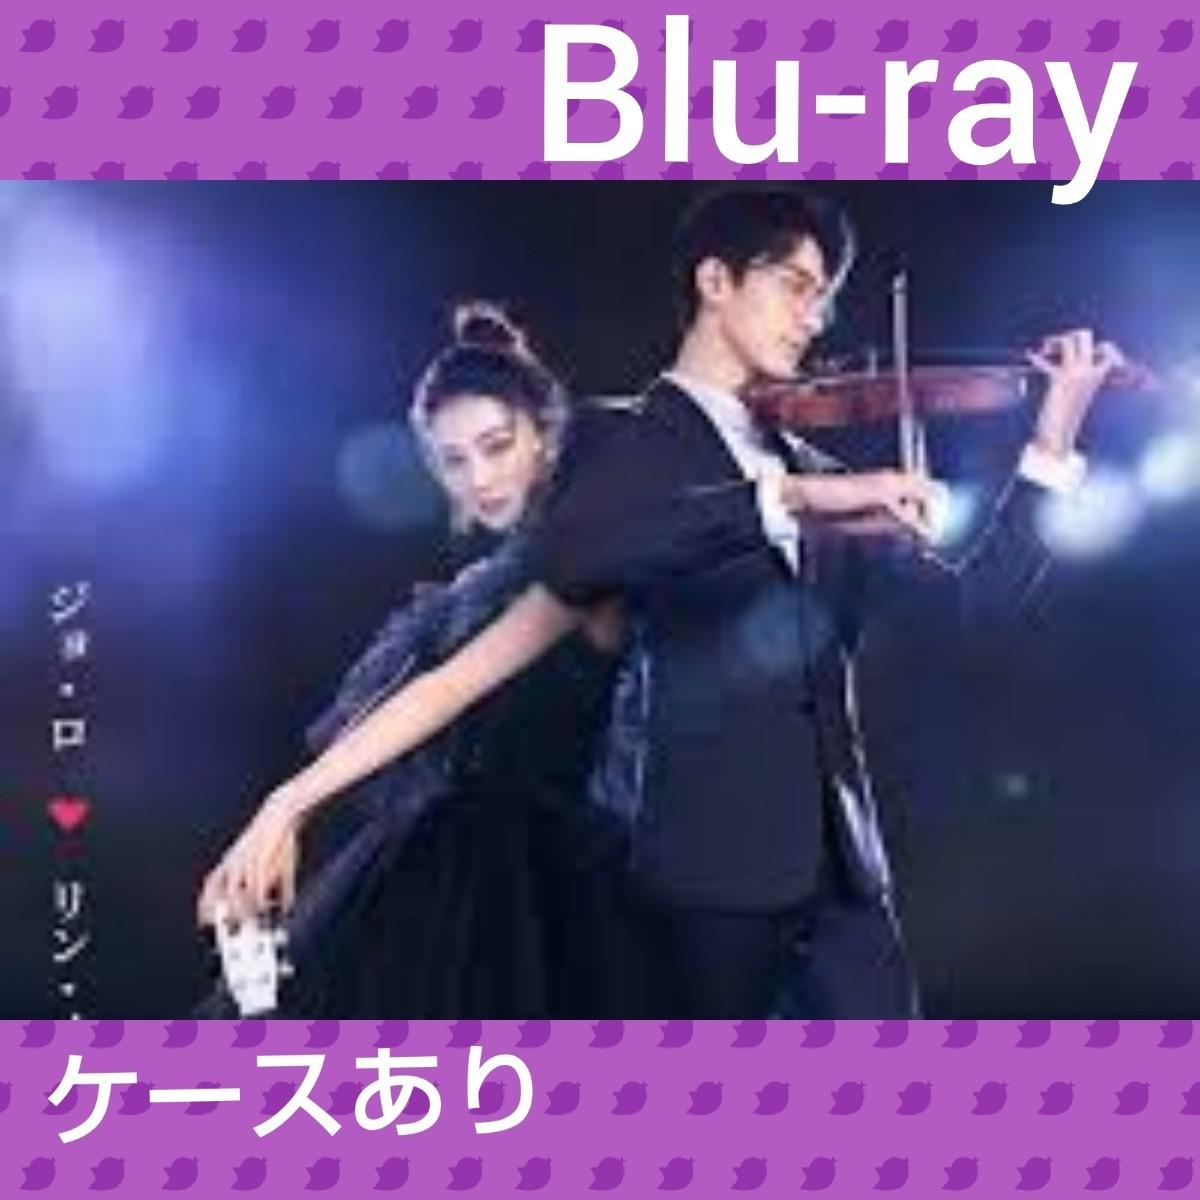 中国ドラマ ラブシィーナァリィ 全話 Blu-ray